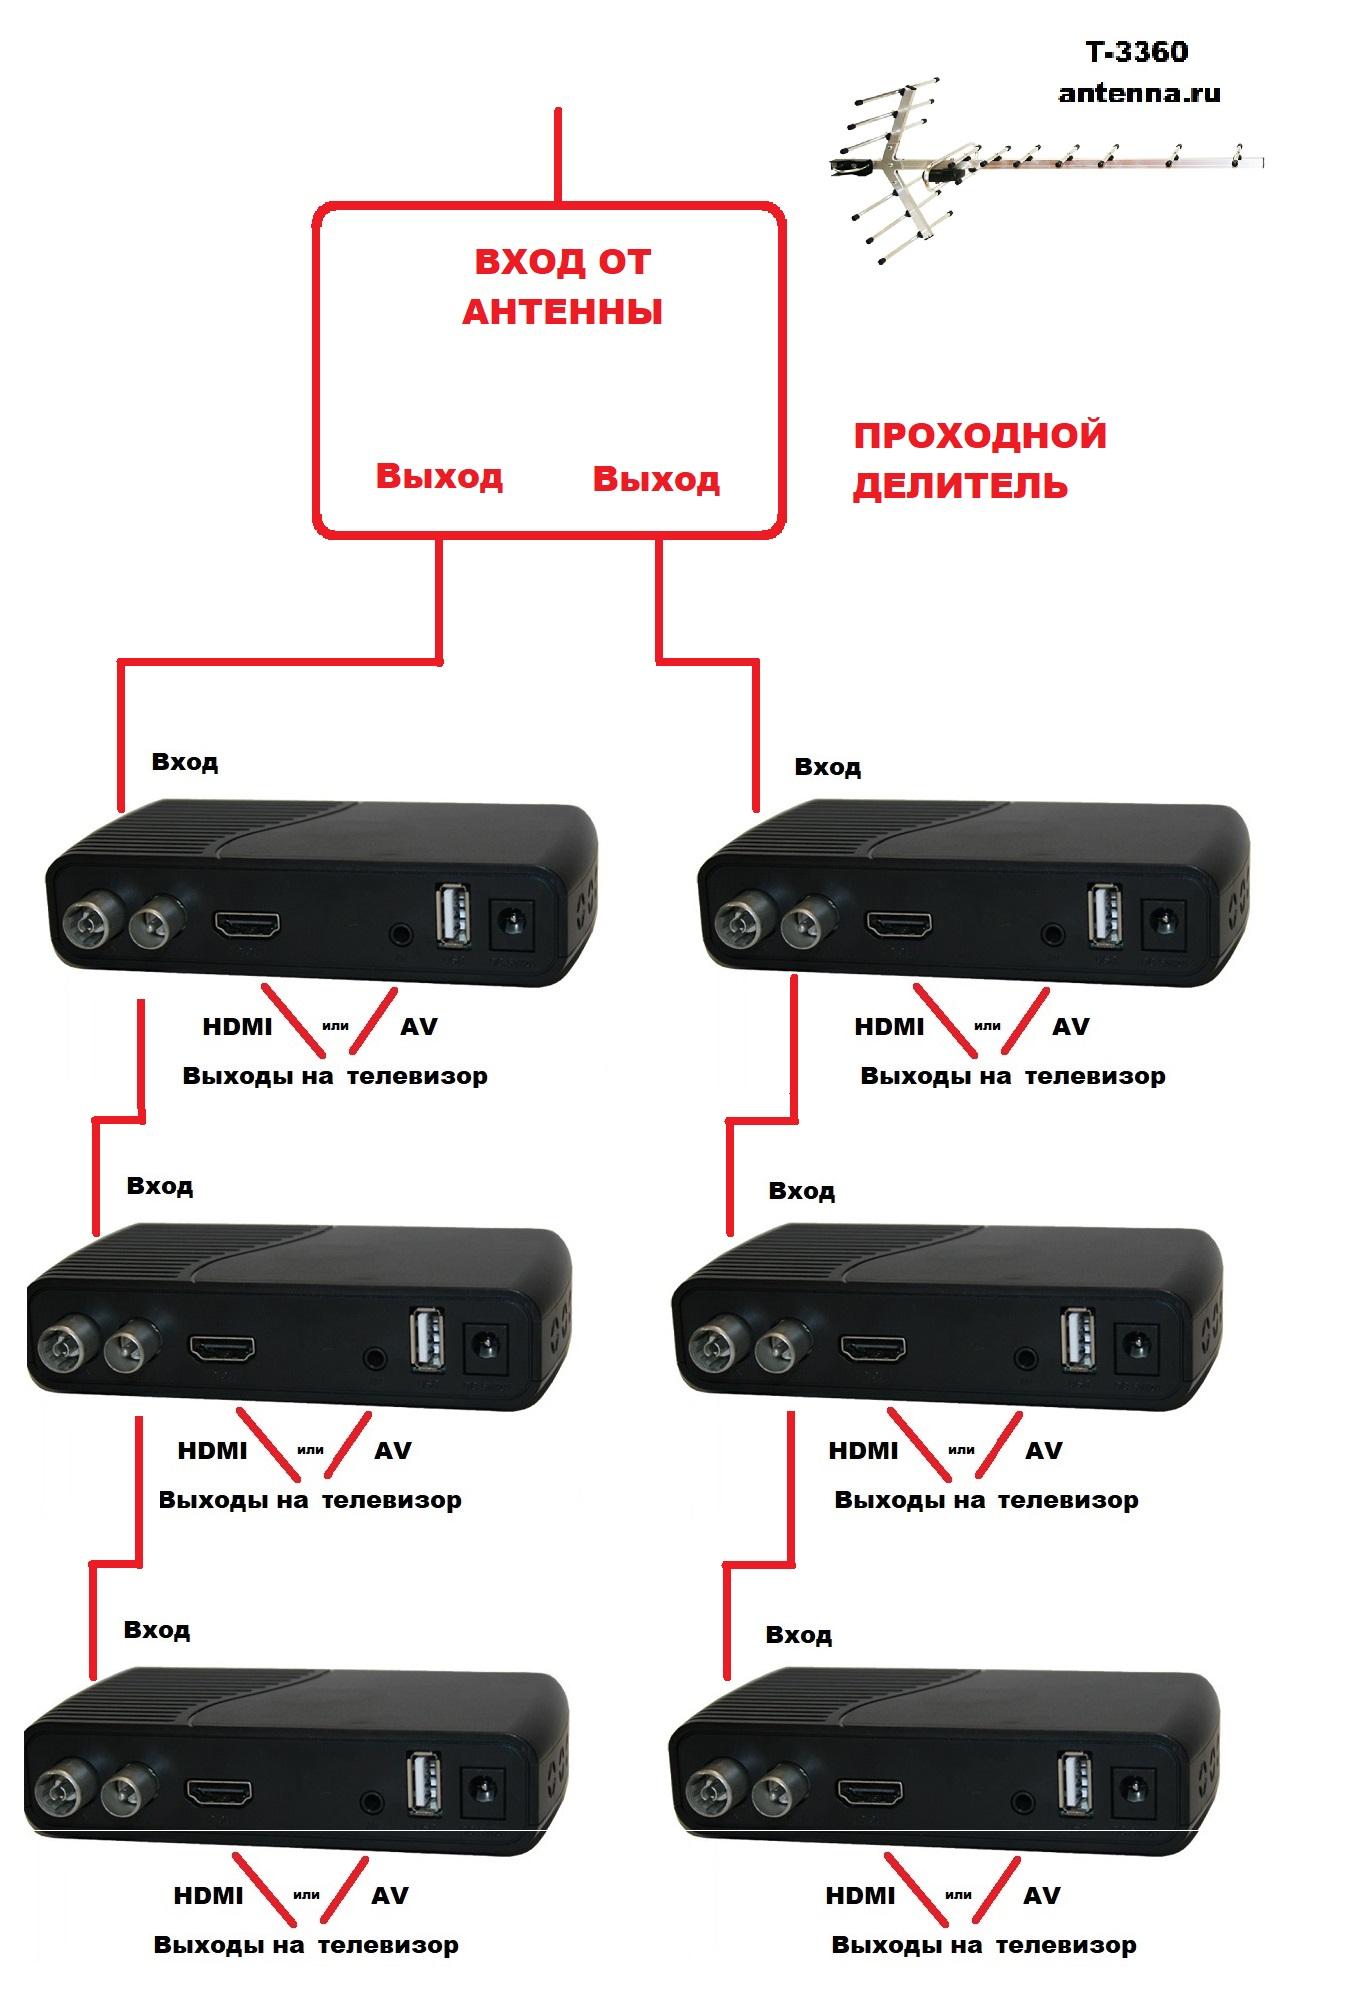 Проходной делитель для подключения от одной антенны нескольких блоков ТВ тюнеров